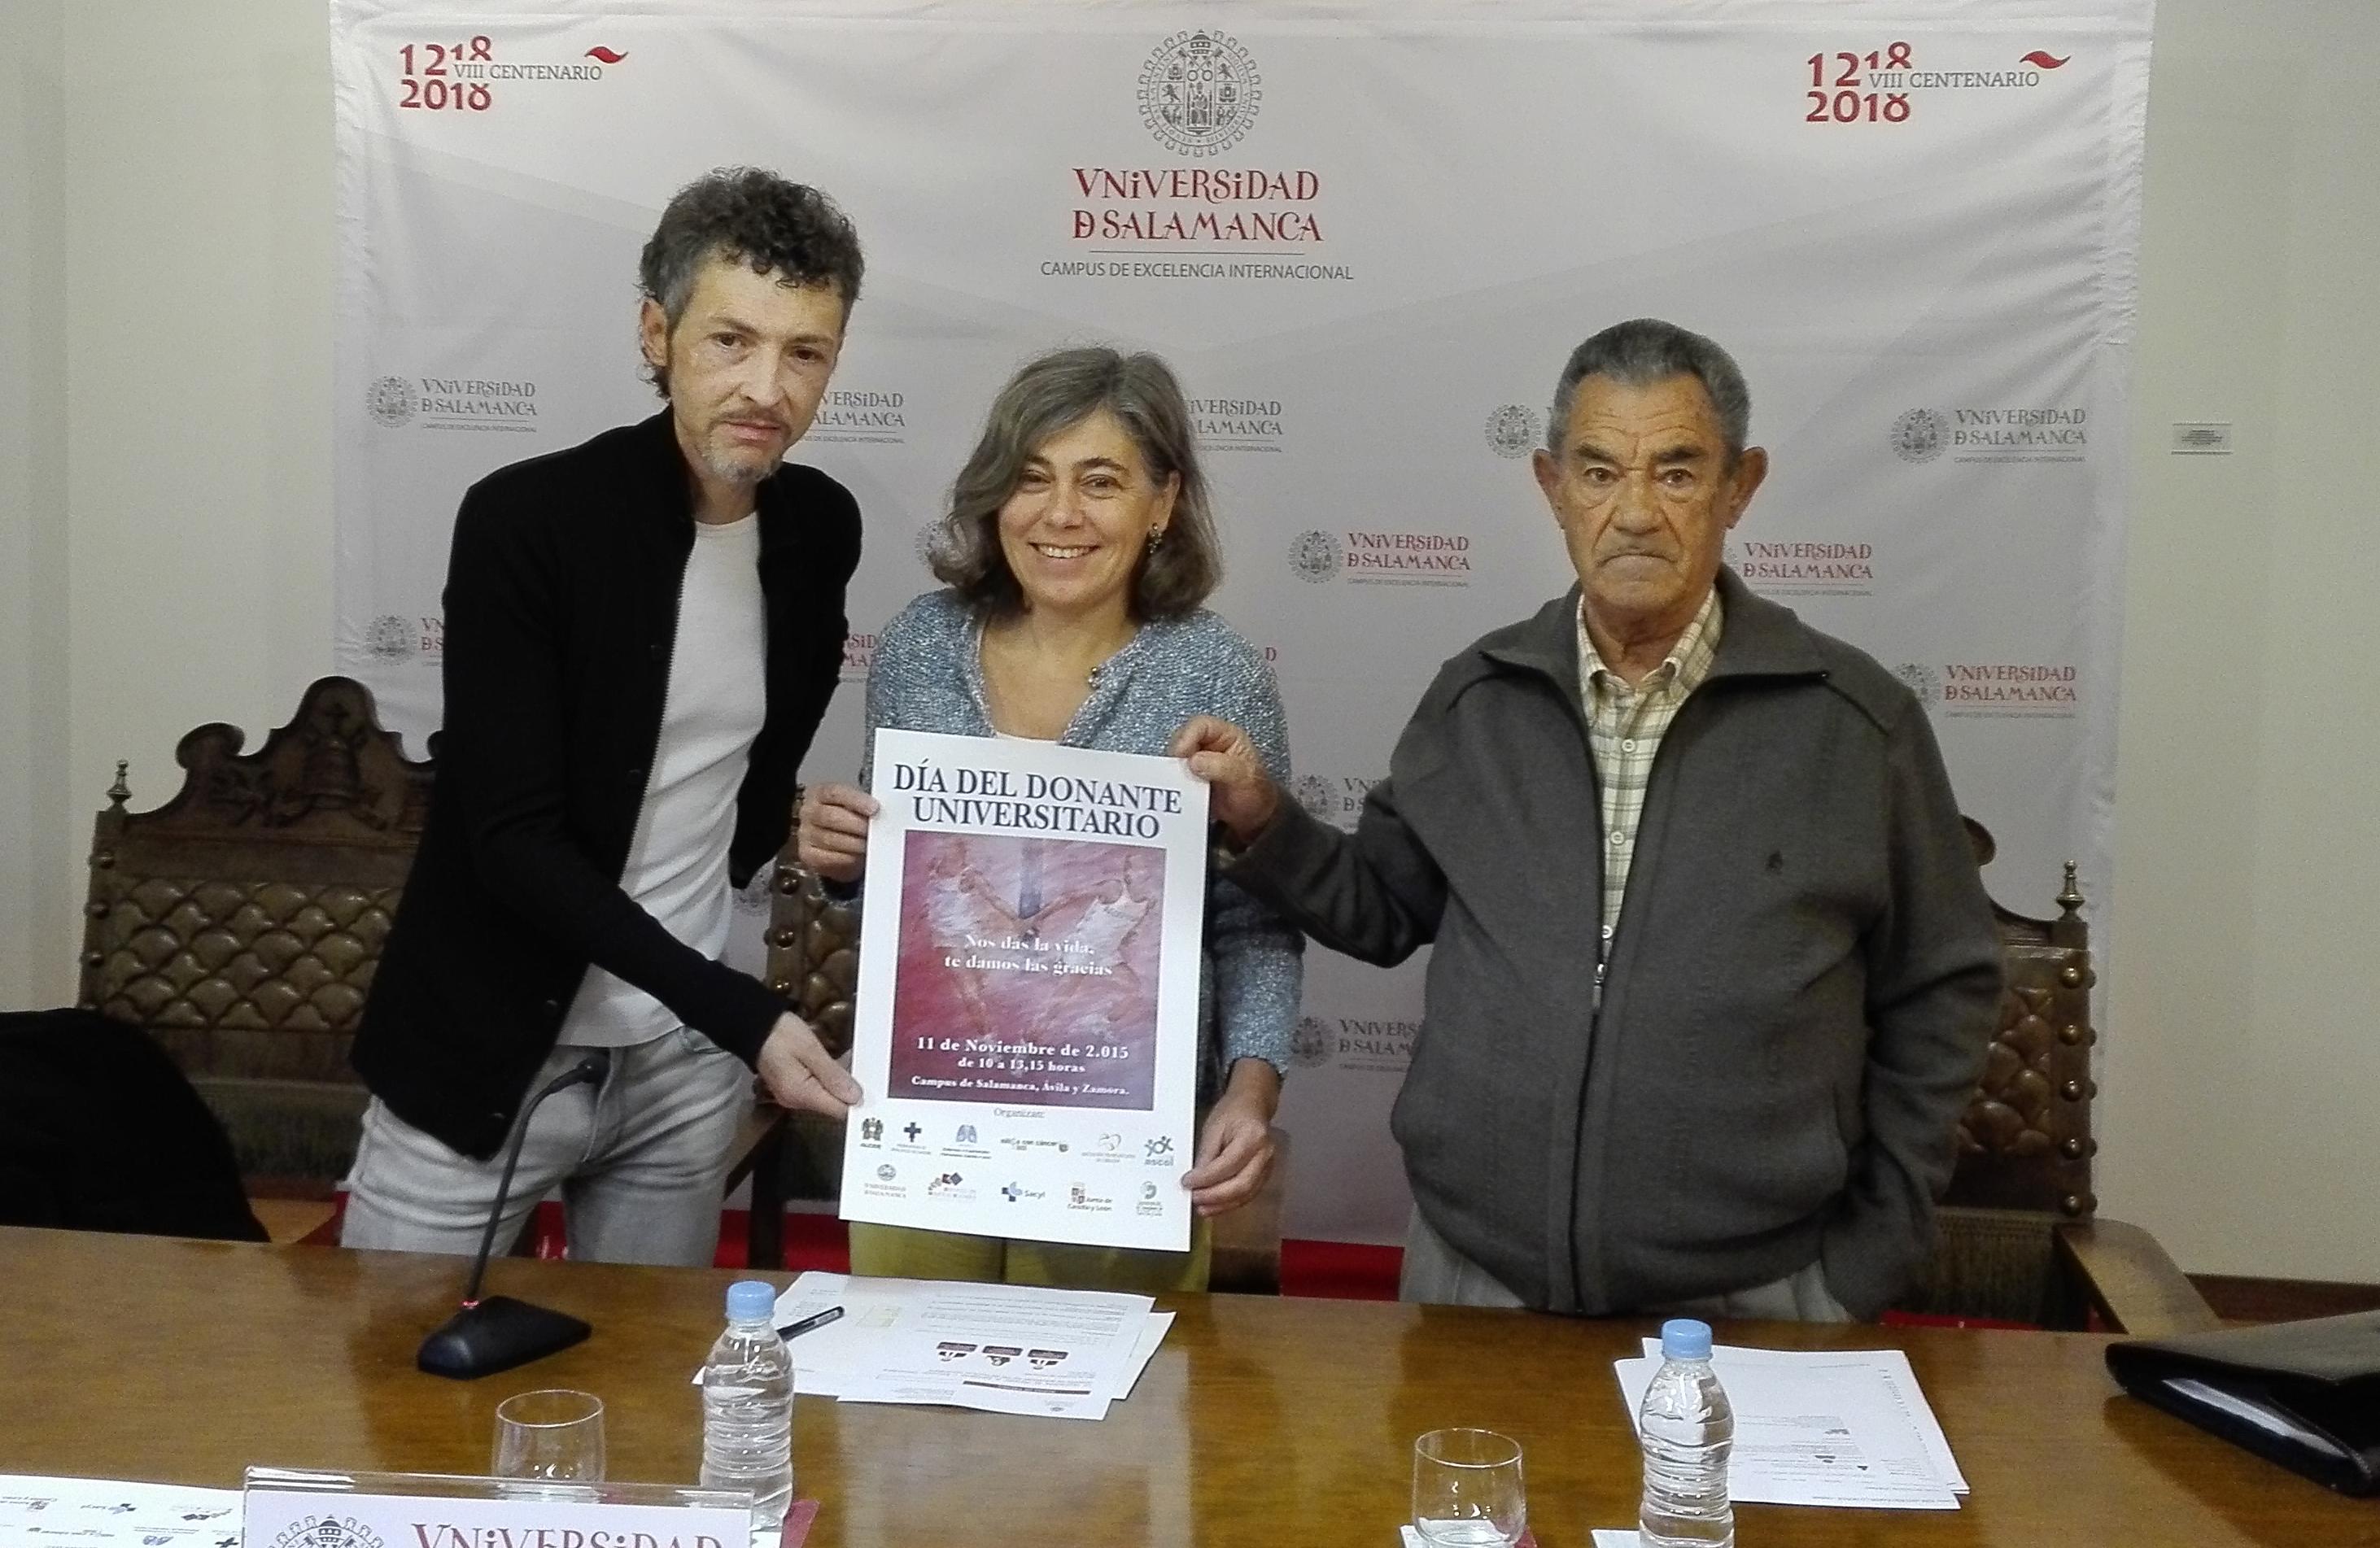 El Día del Donante Universitario contará con mesas informativas en los campus de Ávila, Béjar, Salamanca y Zamora